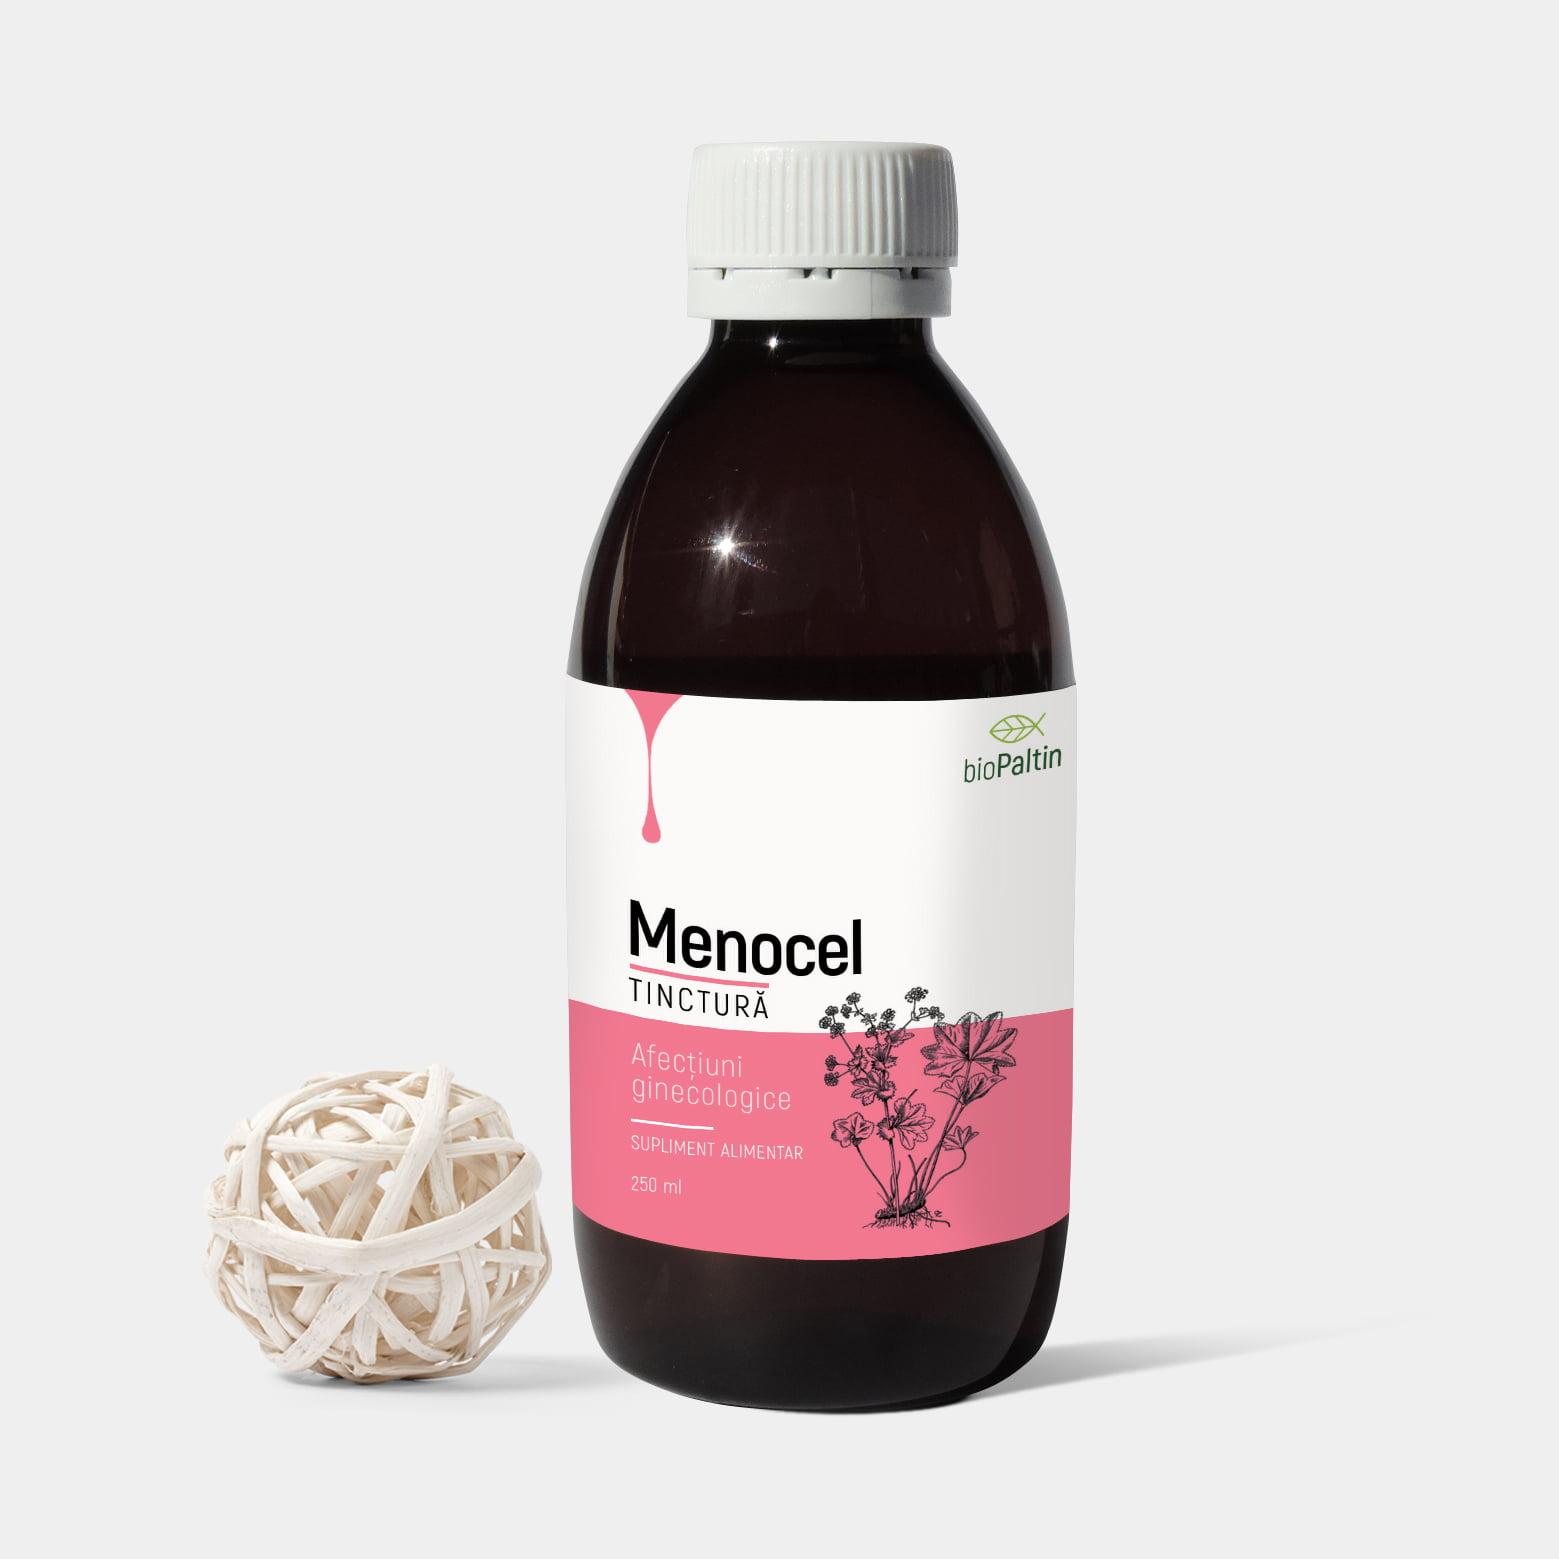 MENOCEL (TINCTURĂ – GINECOLOGICĂ ȘI MENOPAUZĂ)